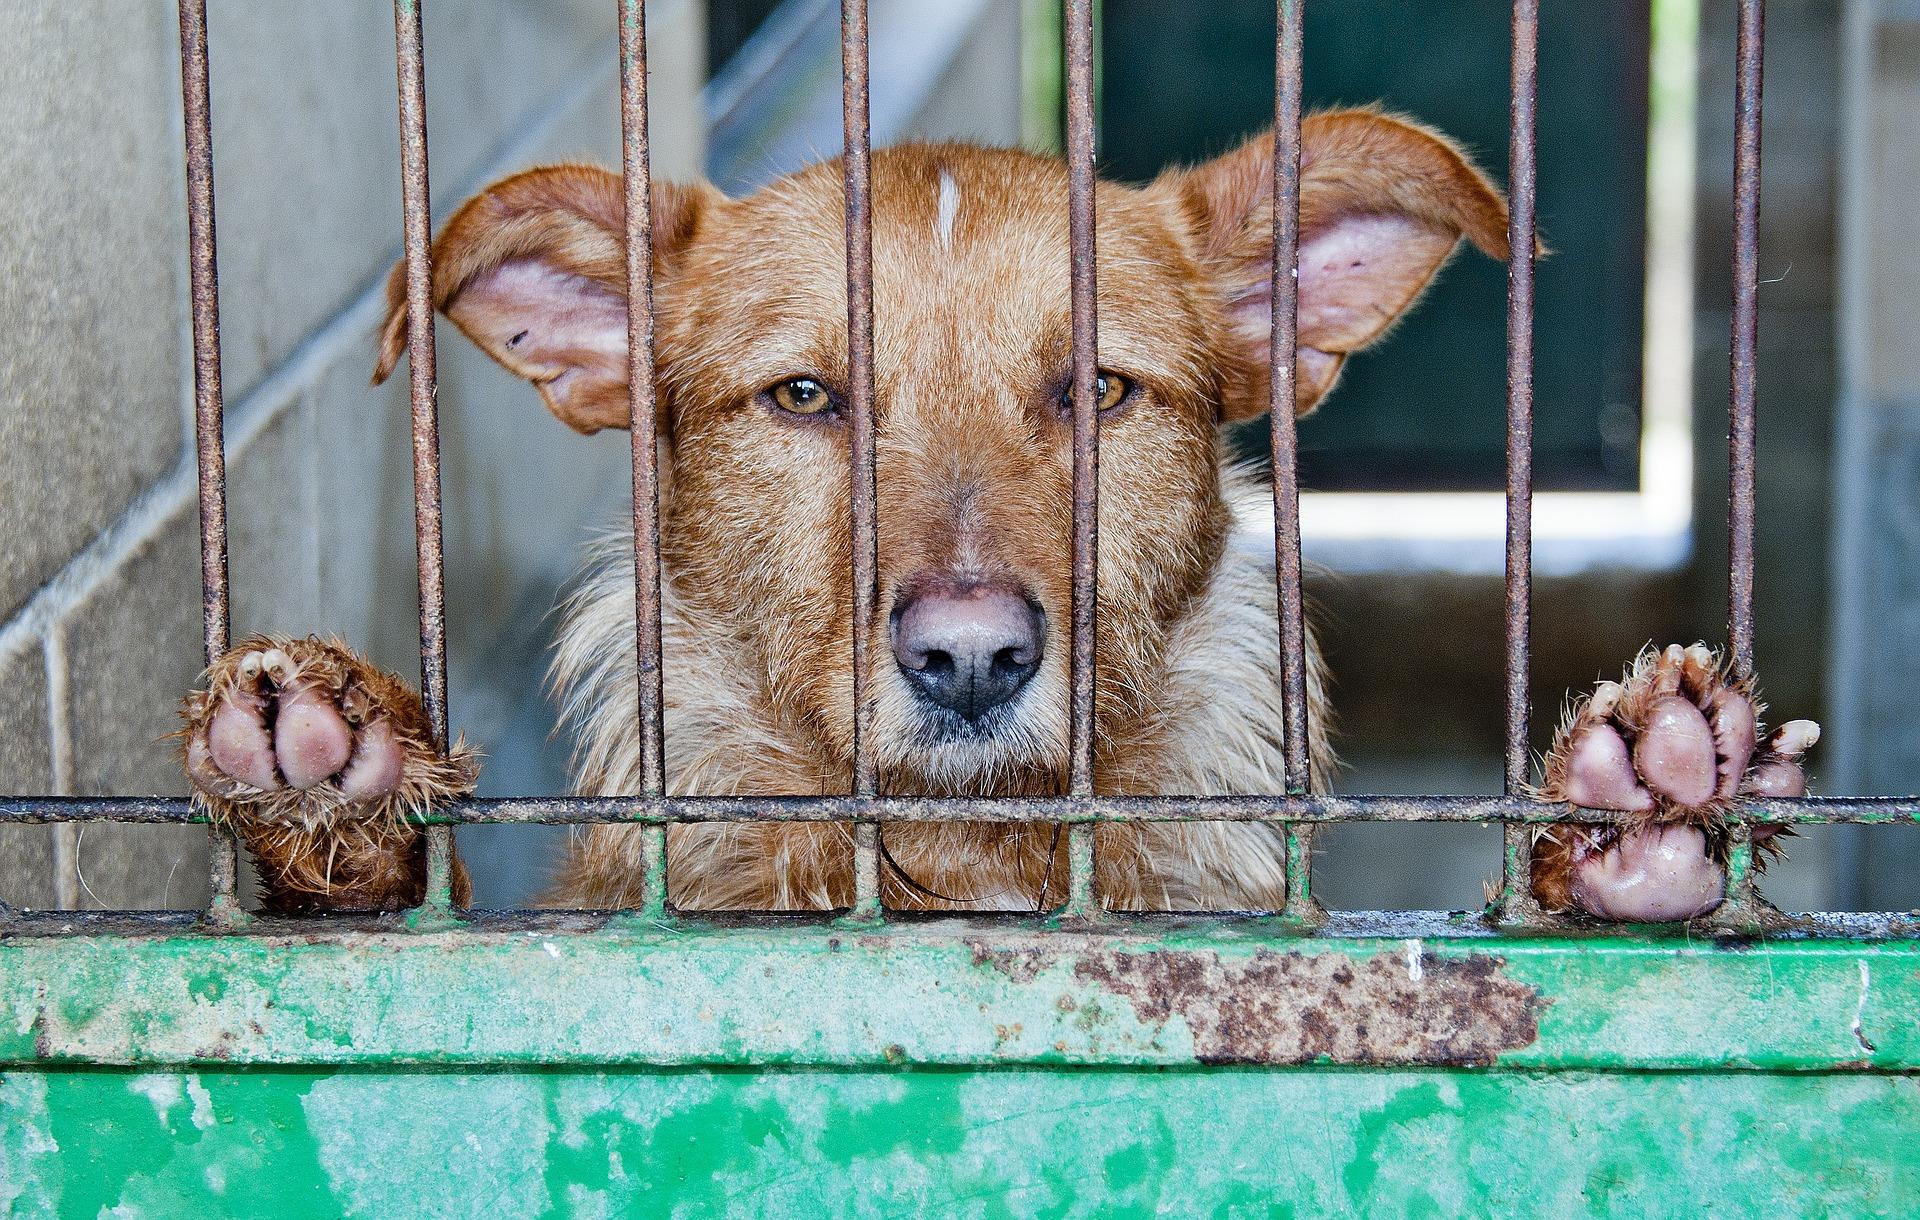 100000 animaux seraient abandonnés chaque année en France - (c) pixabay